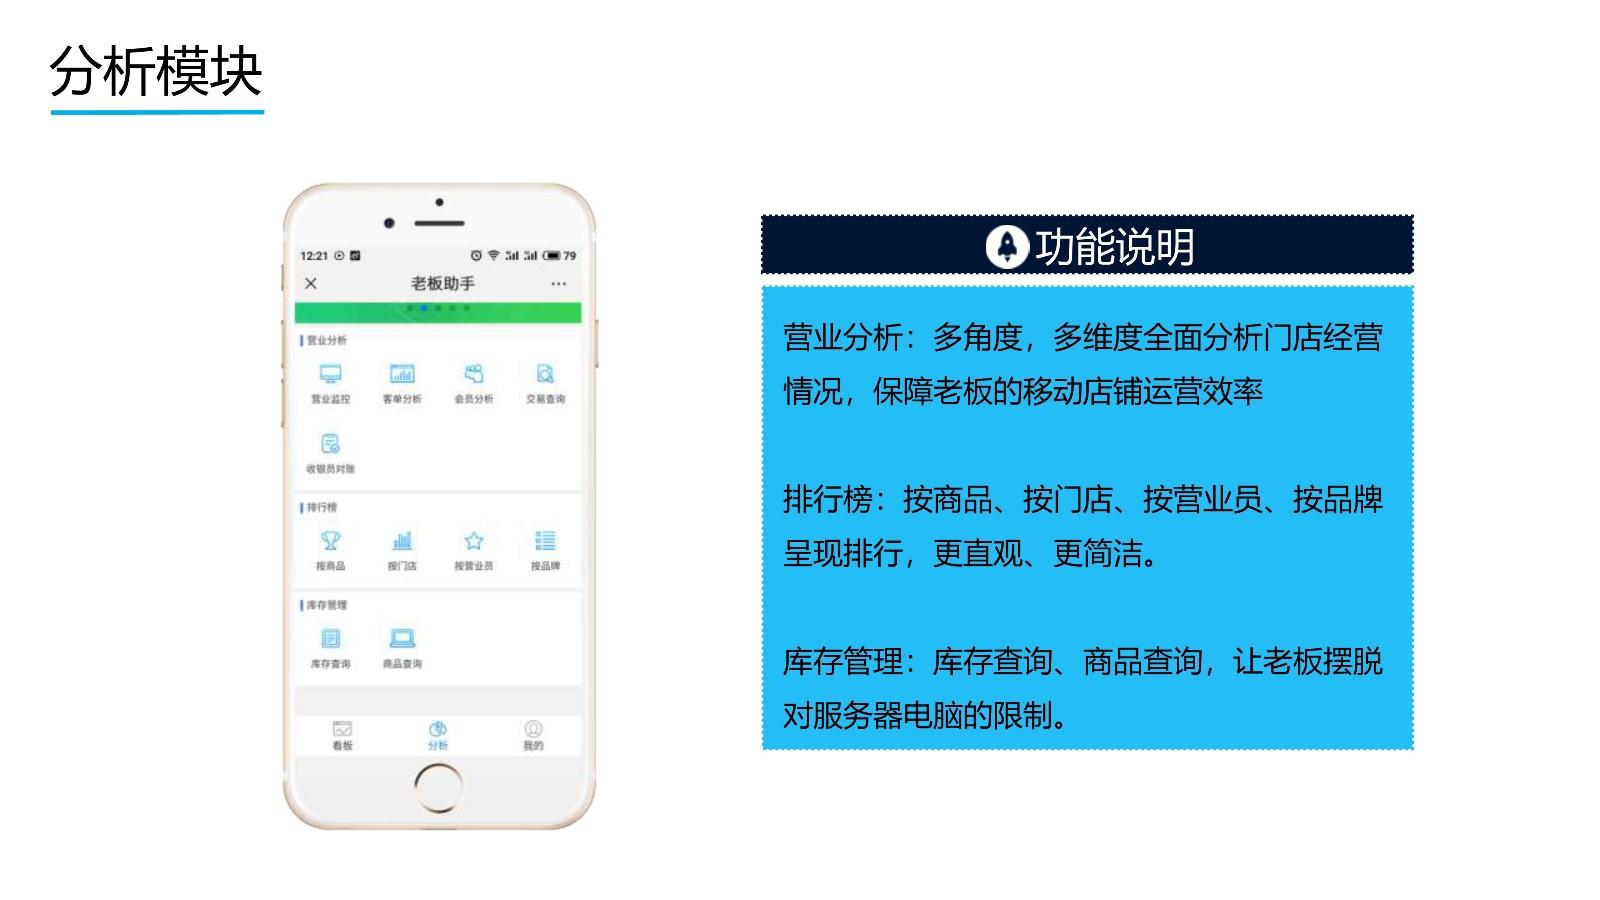 全新老板助手 行业资讯-唐山拓步优科技有限公司